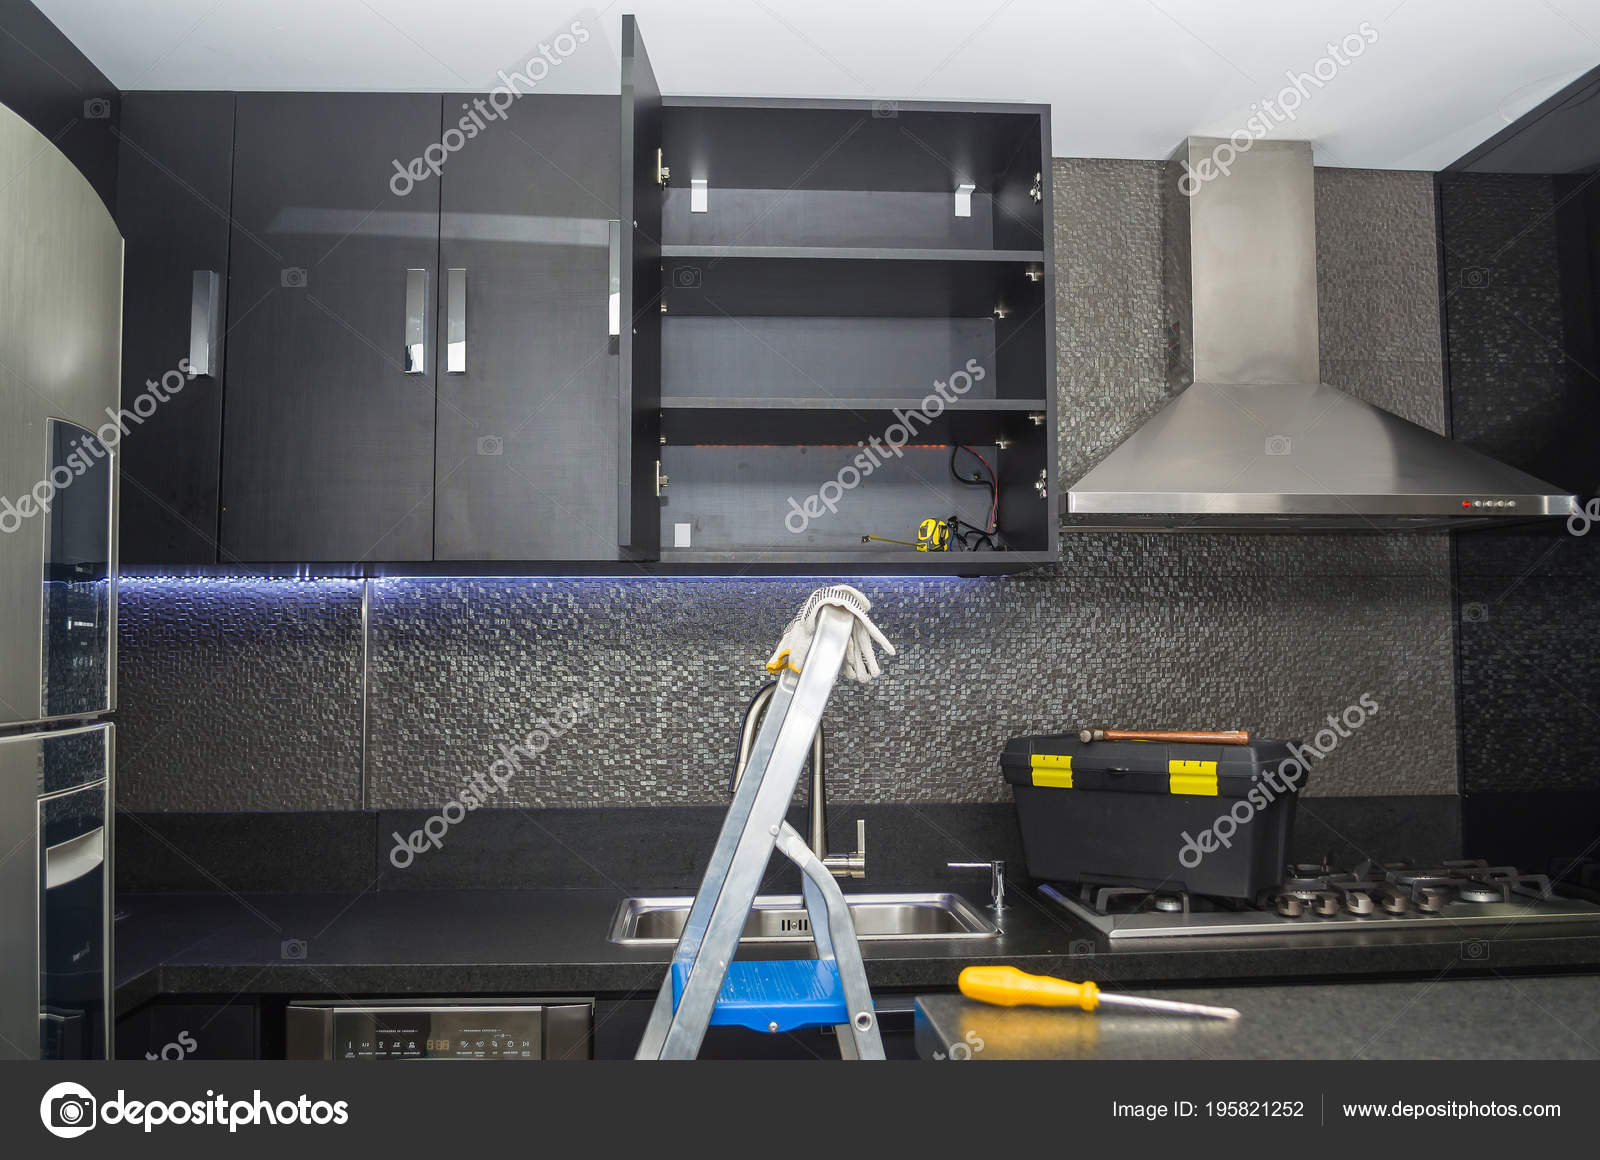 Renovación Reparación Muebles Cocina Encimera Cocina — Foto ...